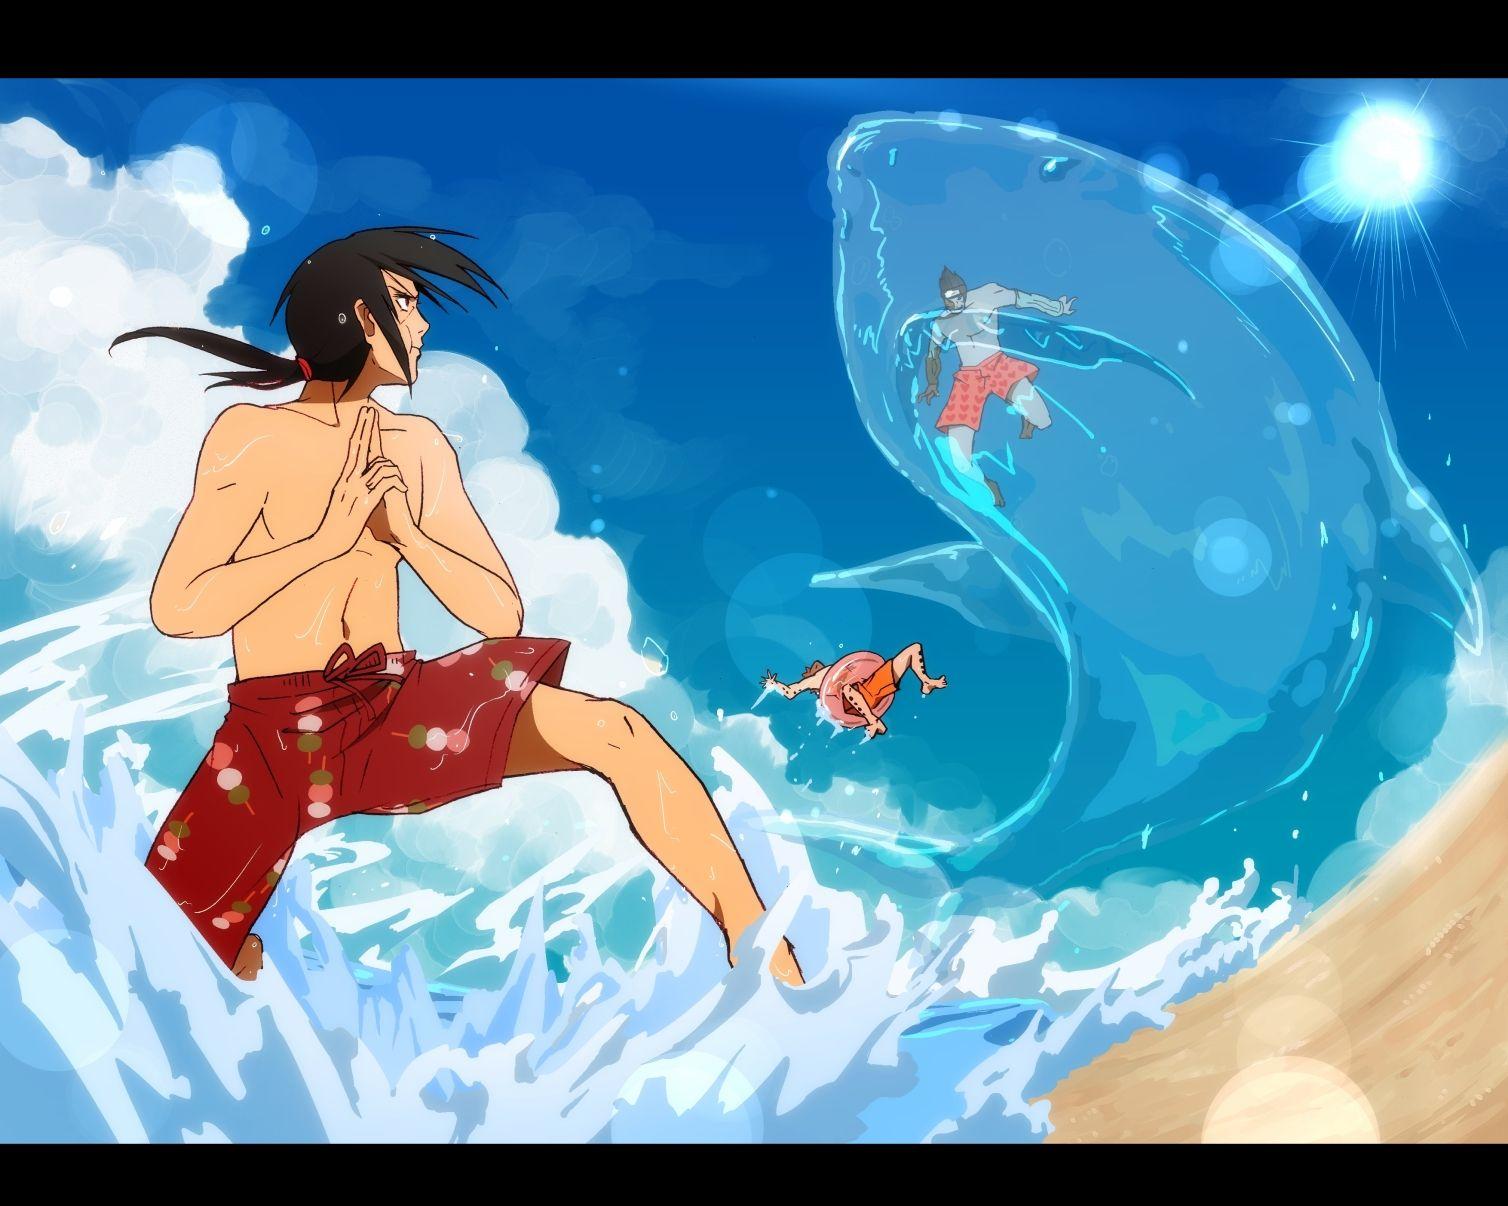 Naruto 1180777 Fullsize Image 1508x1206 Zerochan Itachi Uchiha Anime Naruto Akatsuki